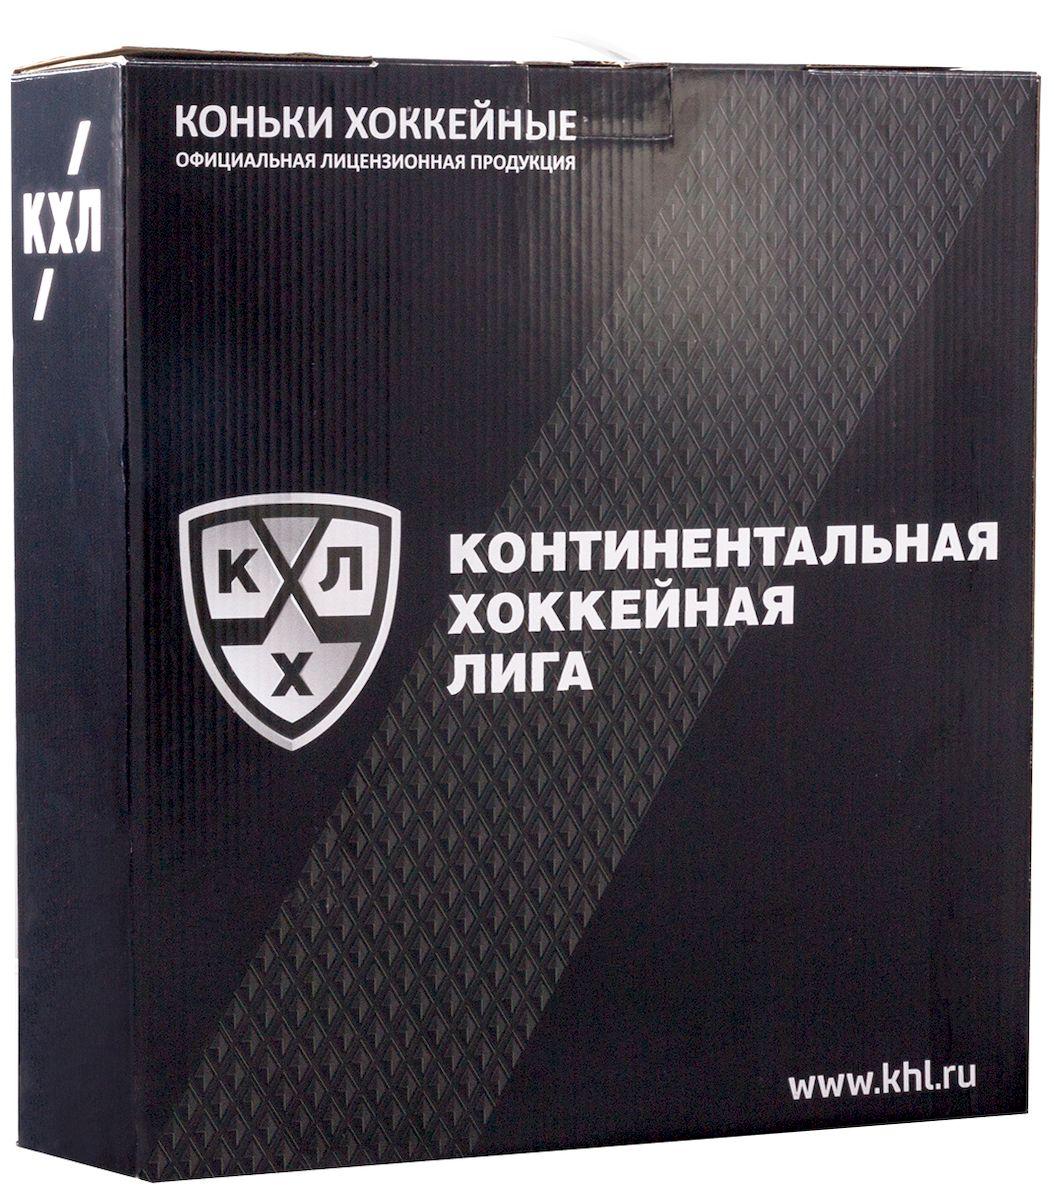 Коньки хоккейные КХЛ Legend, цвет: черный, серый, белый. УТ-00009137. Размер 39